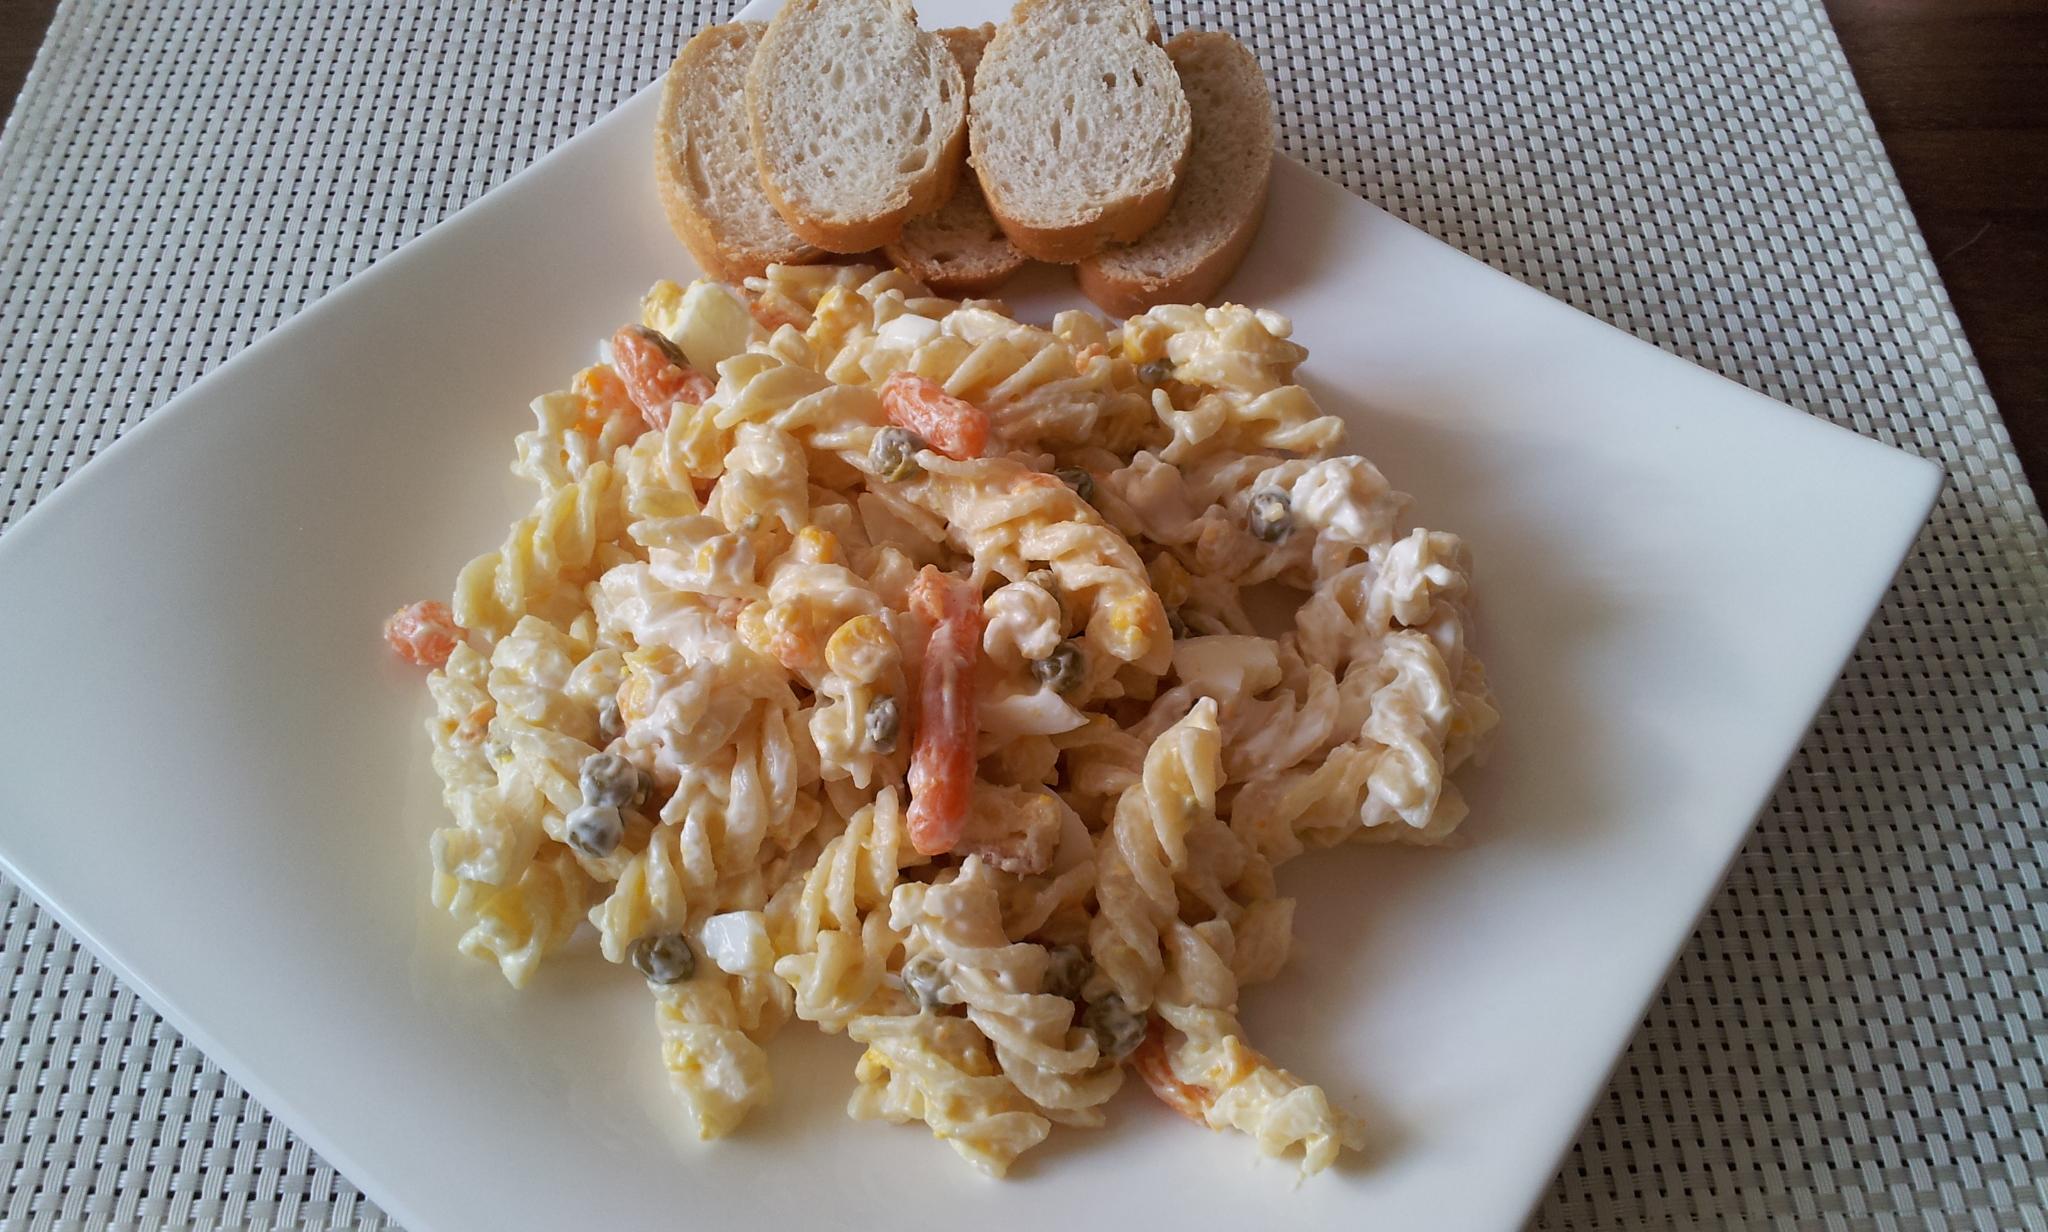 https://foodloader.net/Holz_2014-08-16_Selbstgemachter_Nudelsalat.jpg